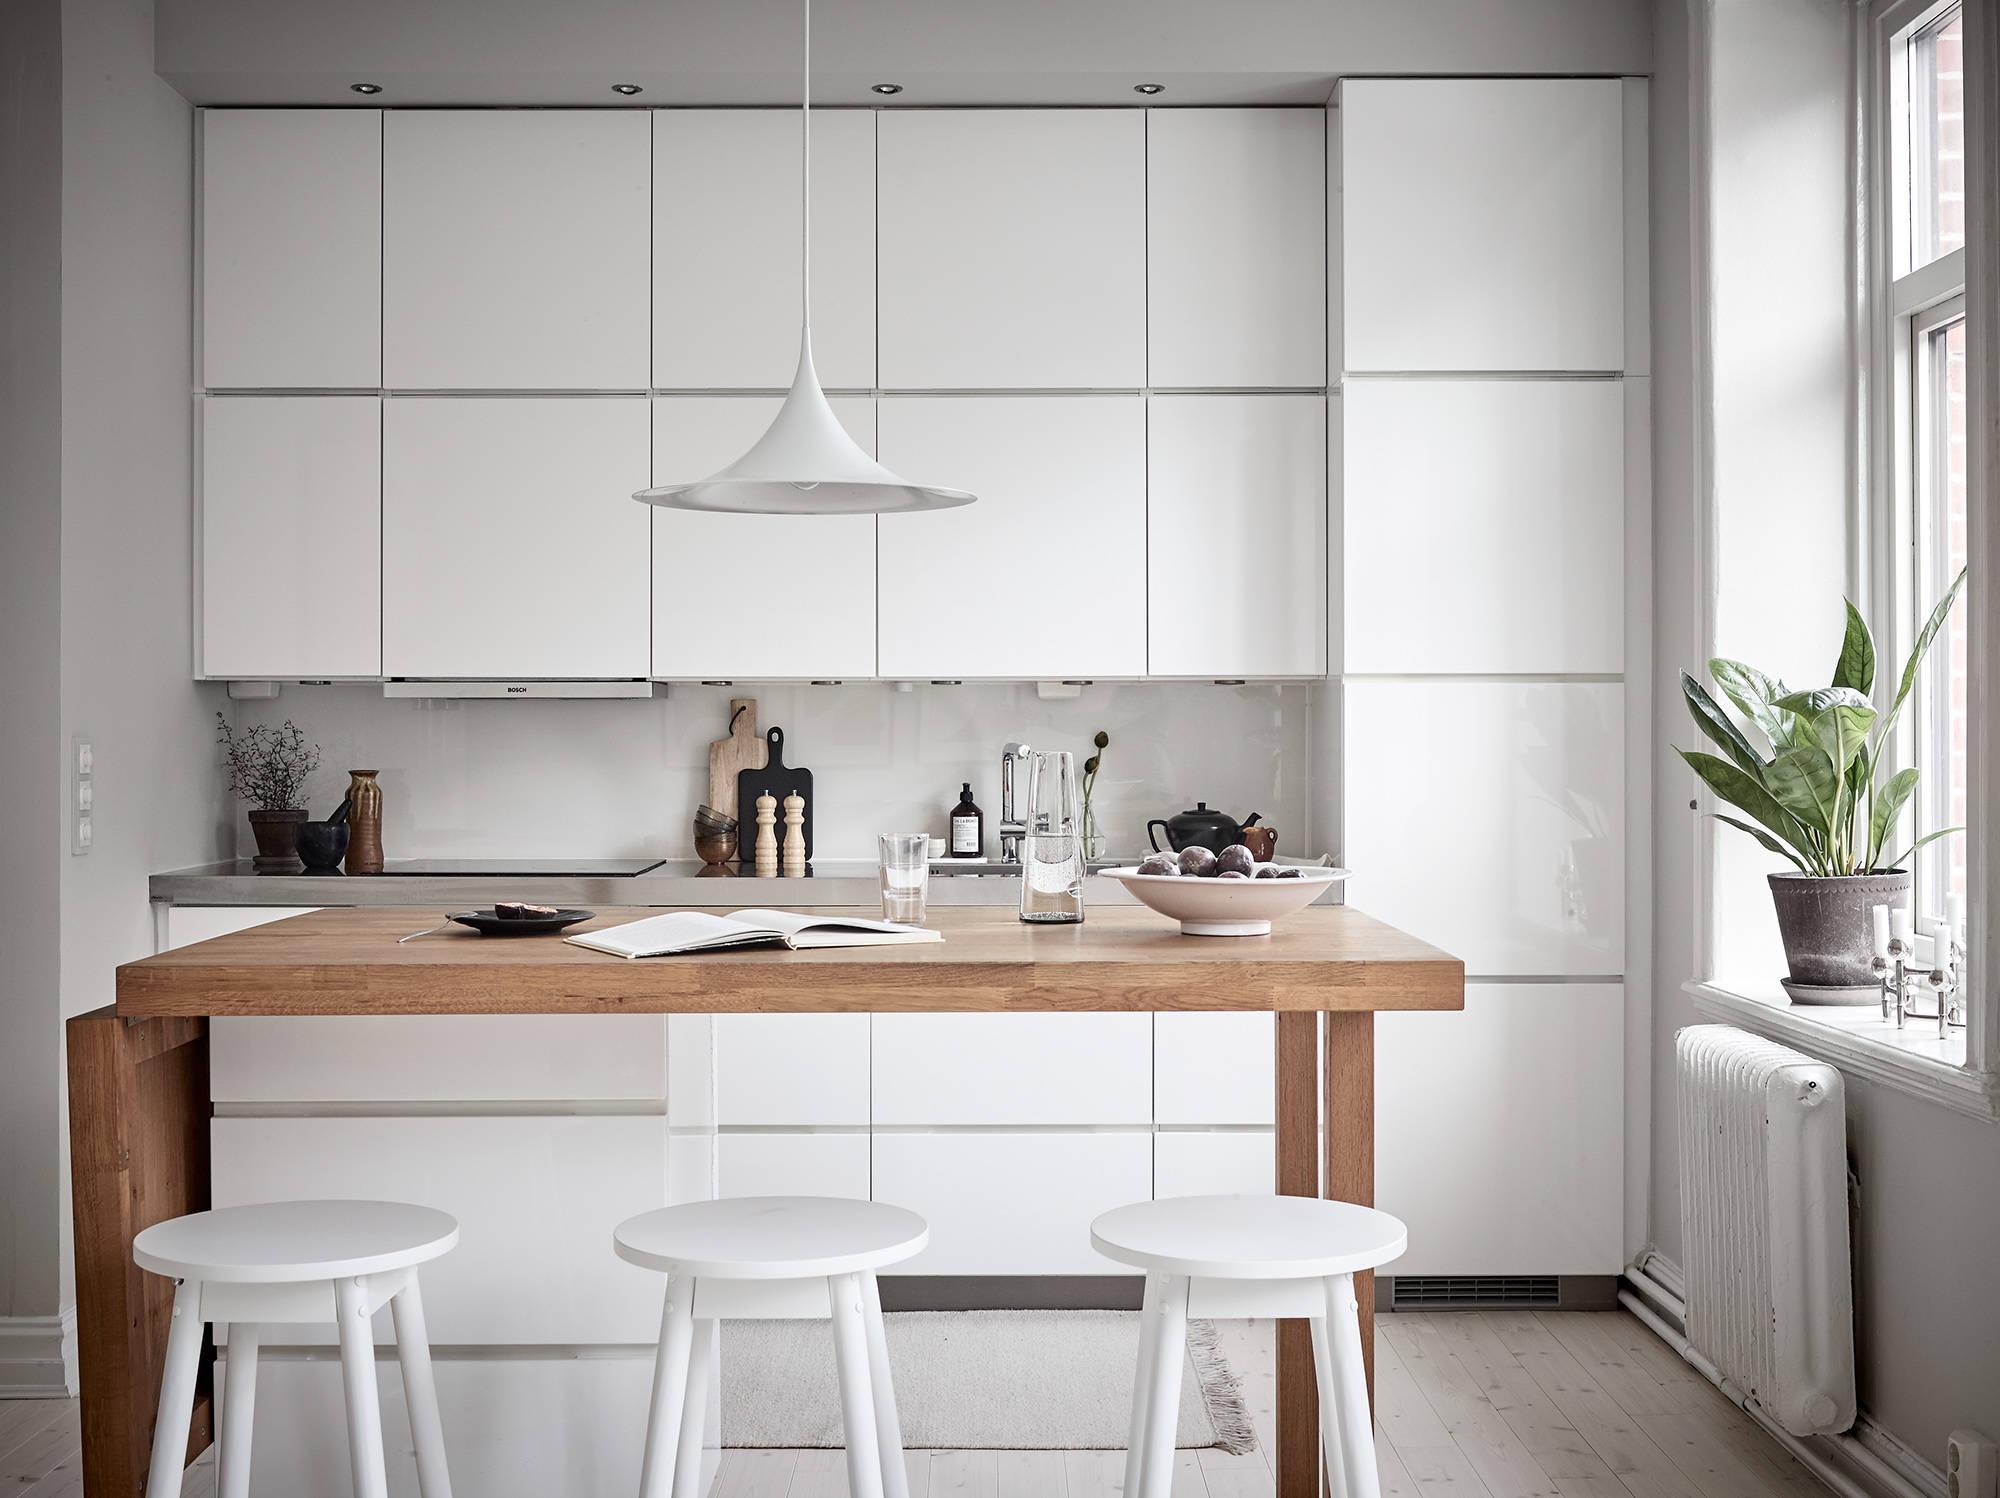 Cocina n rdica elegante con isla port til blog tienda decoraci n estilo n rdico delikatissen - Isla de cocina con mesa ...